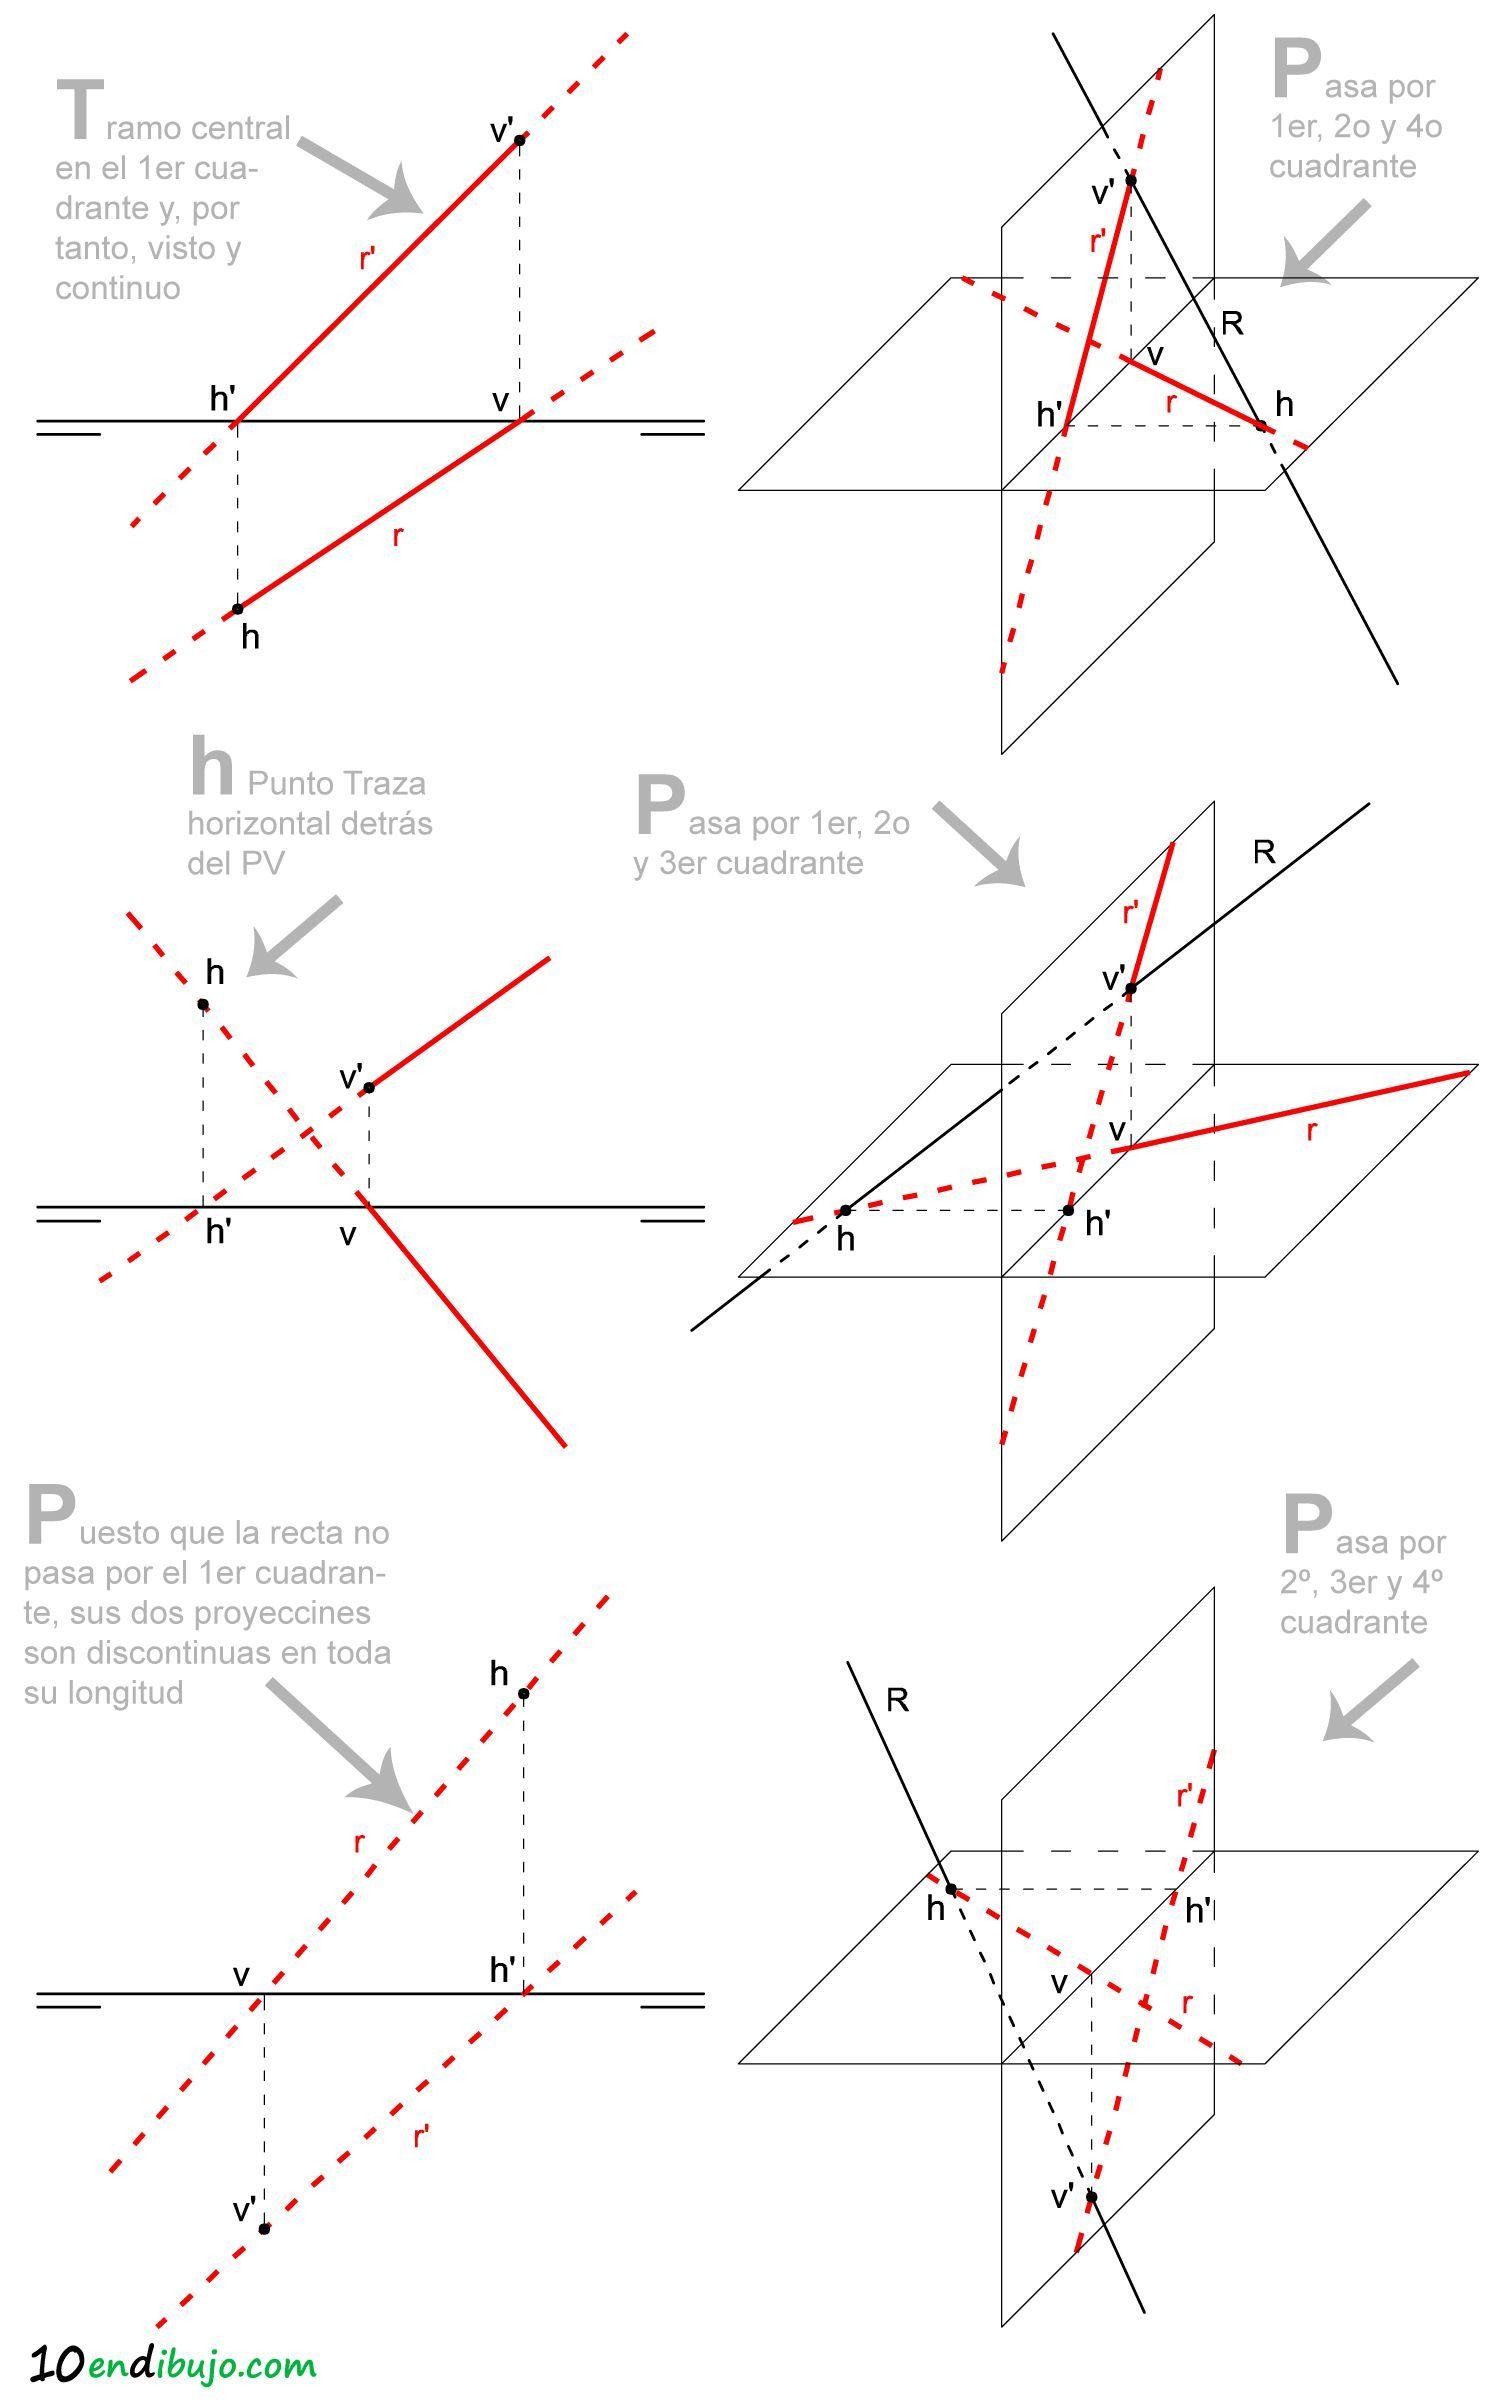 Dibujo Tecnico Bachillerato Recta Oblicua Tecnicas De Dibujo Geometria Descriptiva Dibujo Tecnico Bachillerato